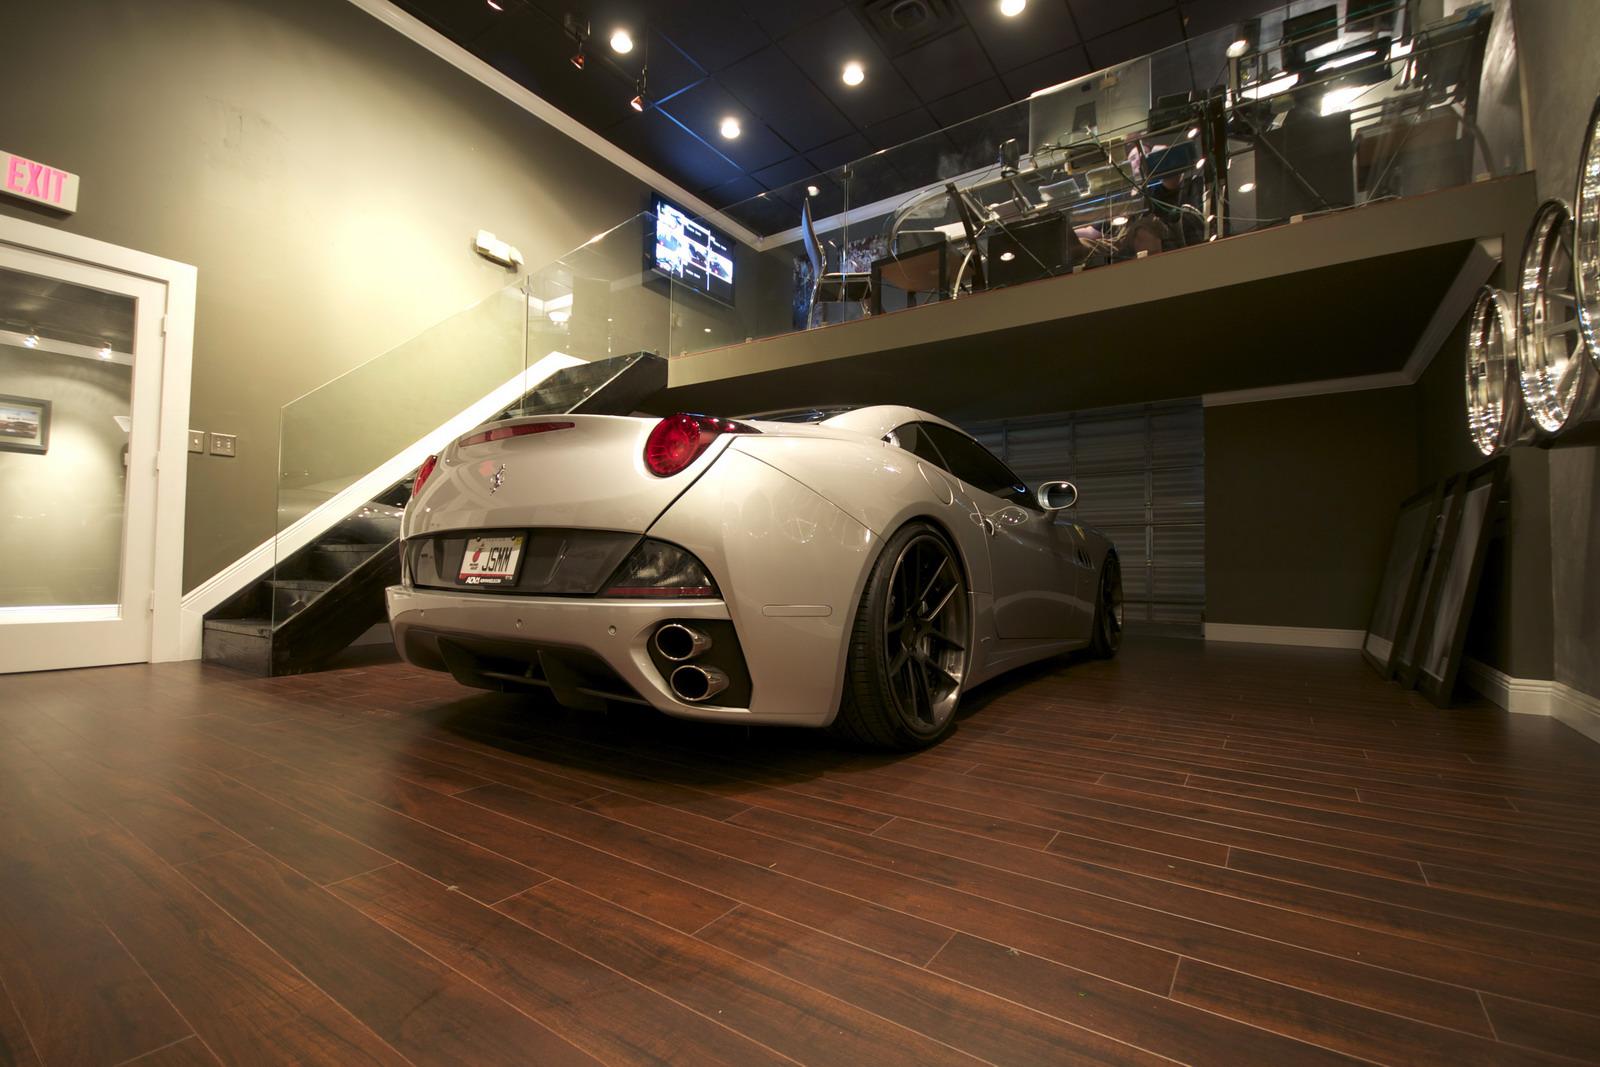 DMC představilo Ferrari California s výkonem 606 koní 2